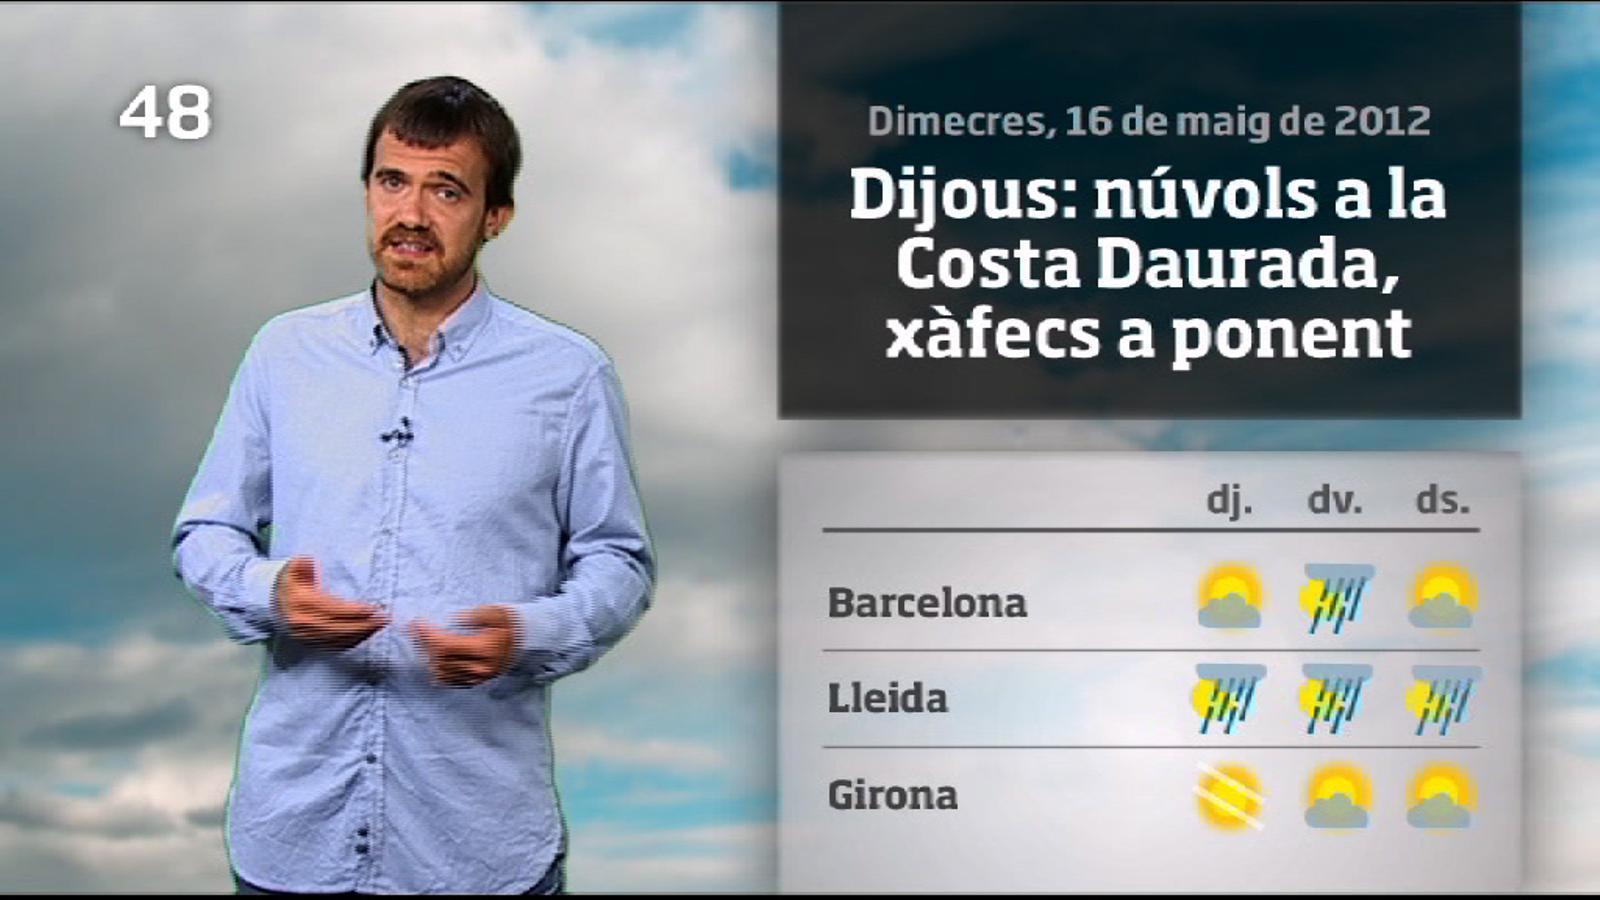 La méteo en 1 minut: dijous més càlid i amb xàfecs a última hora (17/05/2012)